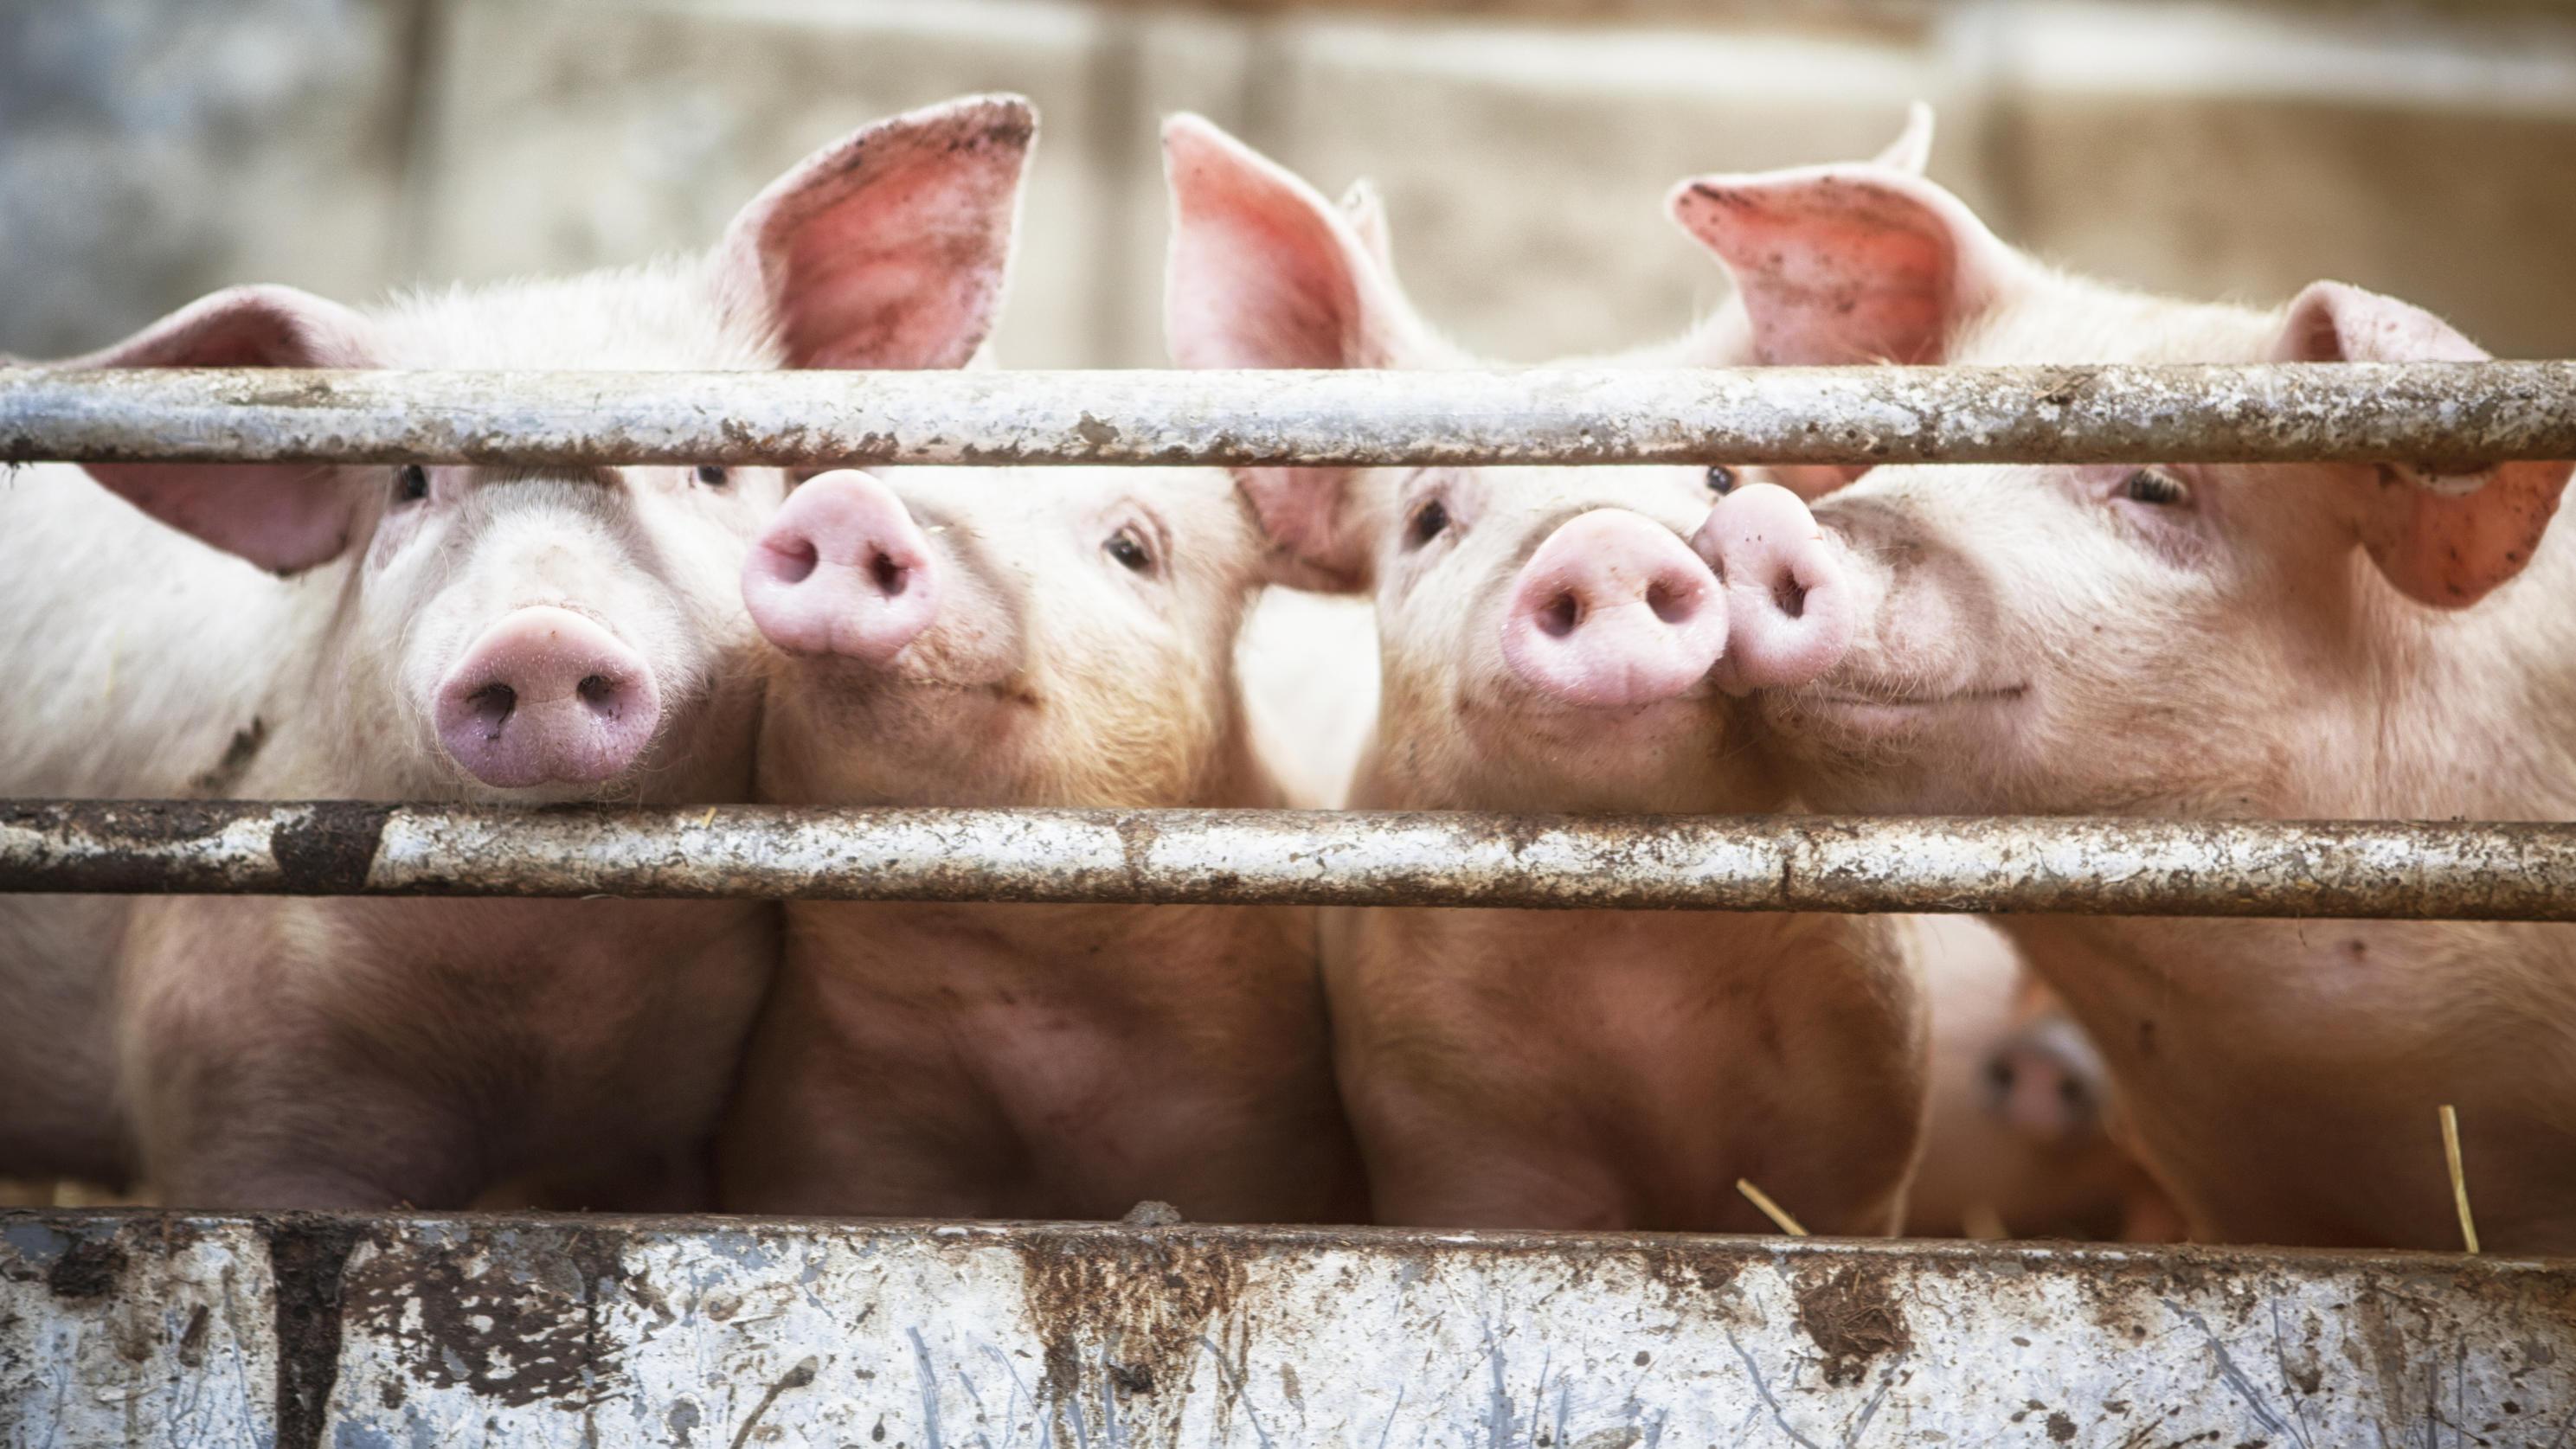 USA - Arbeiter uriniert auf Fließband: Schlachter muss 23.000 Kilo Fleisch vernichten